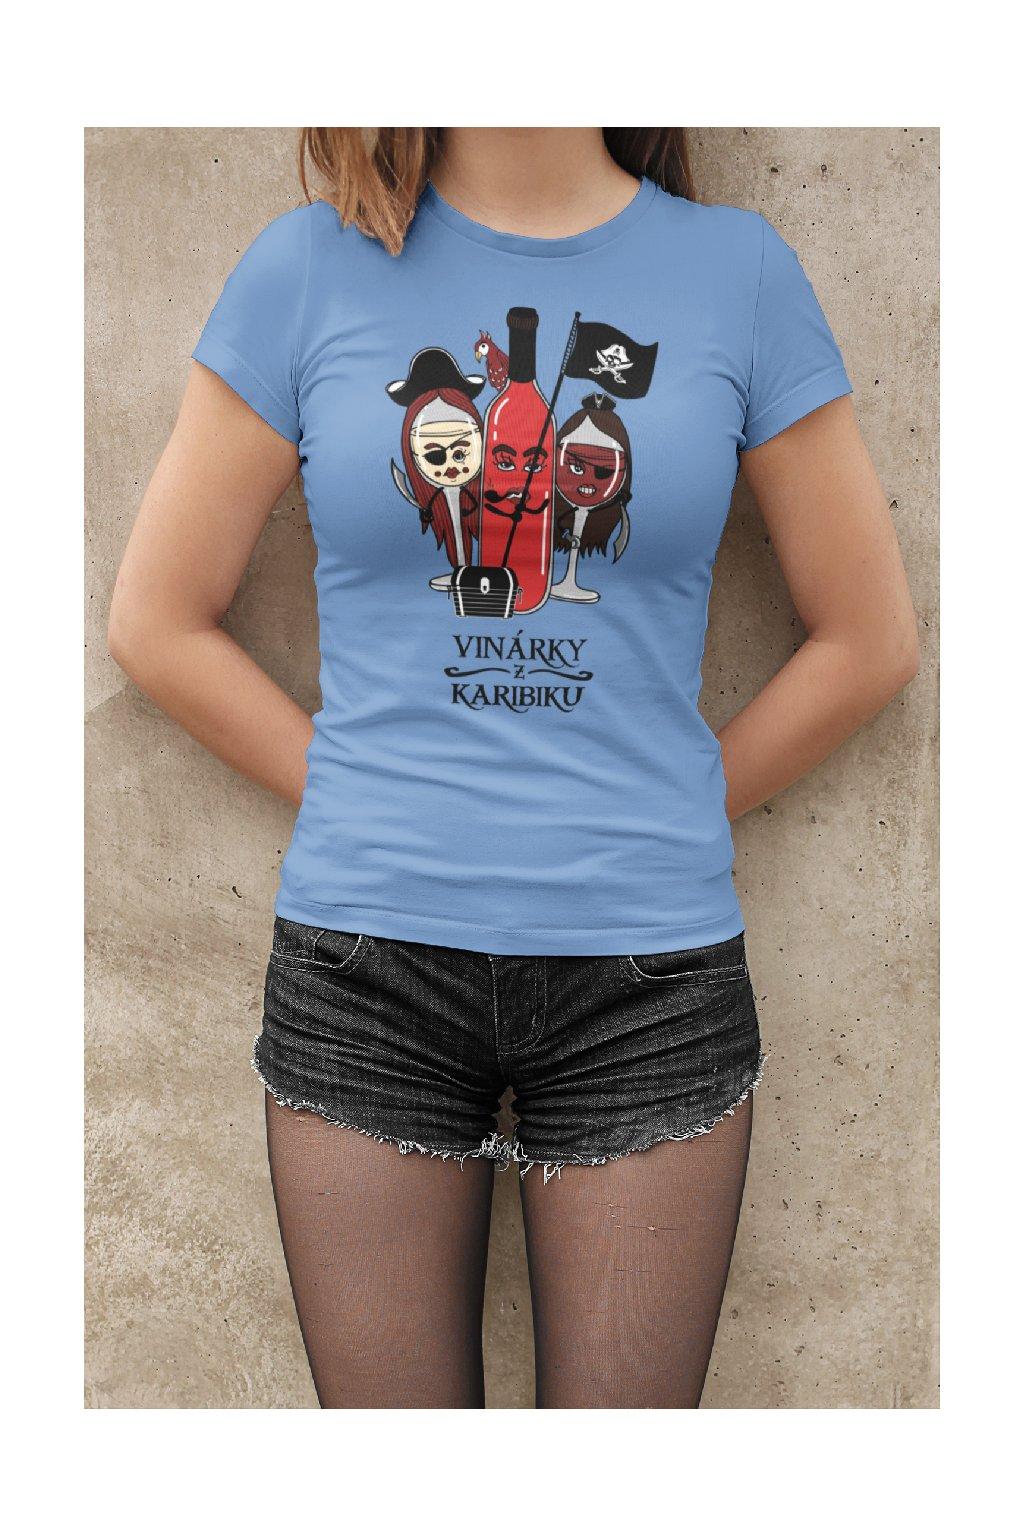 MMO Dámske tričko Vinárky z Karibiku Vyberte farbu: Svetlomodrá, Vyberte veľkosť: M